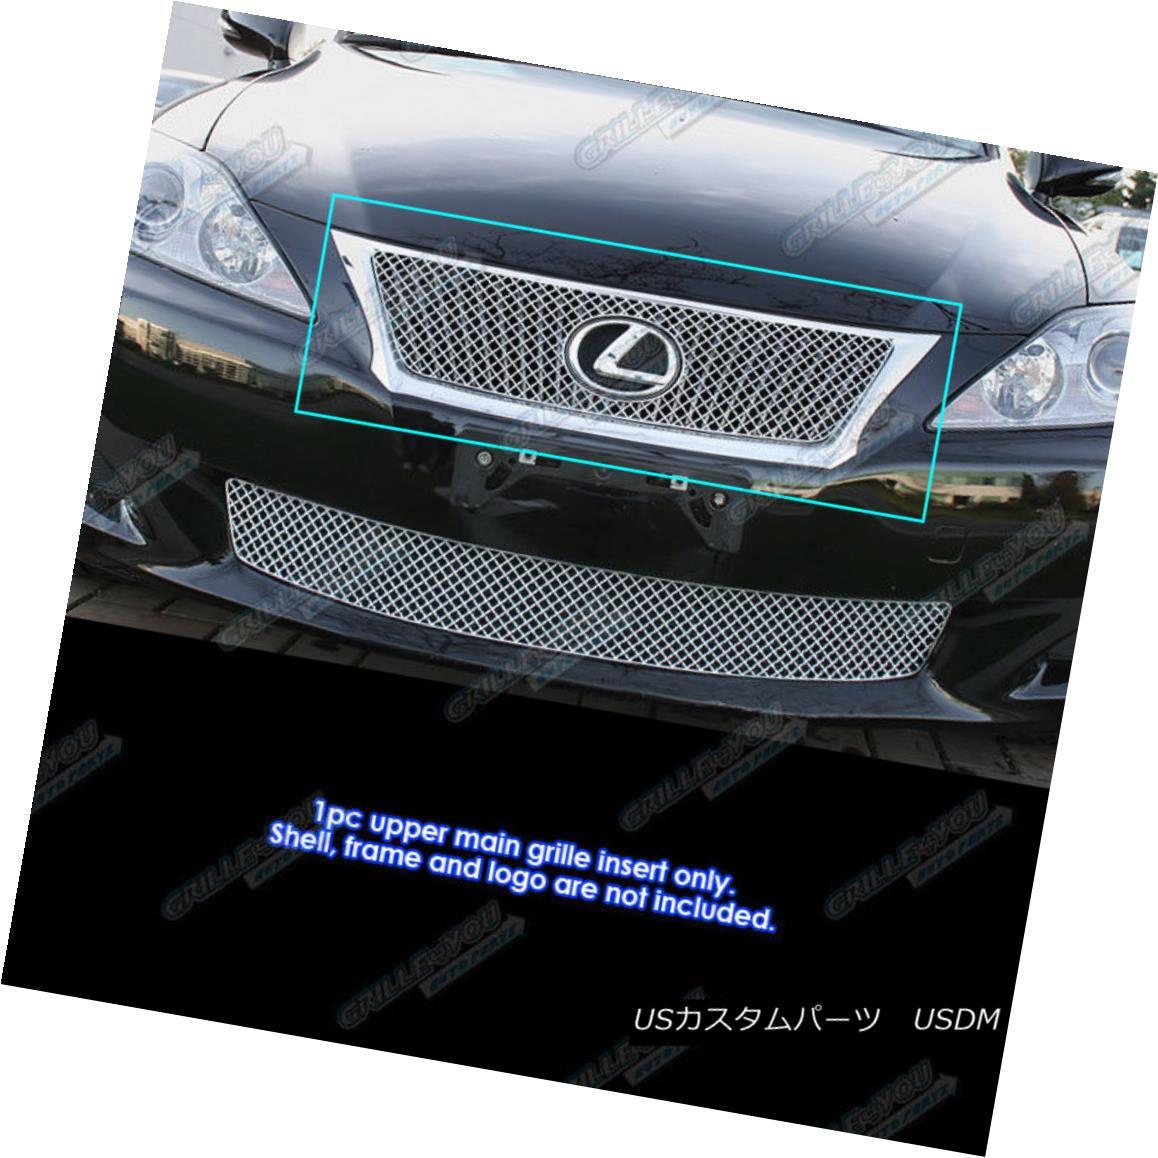 グリル Fits 2009-2010 Lexus IS 250/IS 350 Stainless Steel X Mesh Grille Insert 2009-2010 Lexus IS 250 / IS 350ステンレススチールメッシュグリルインサート